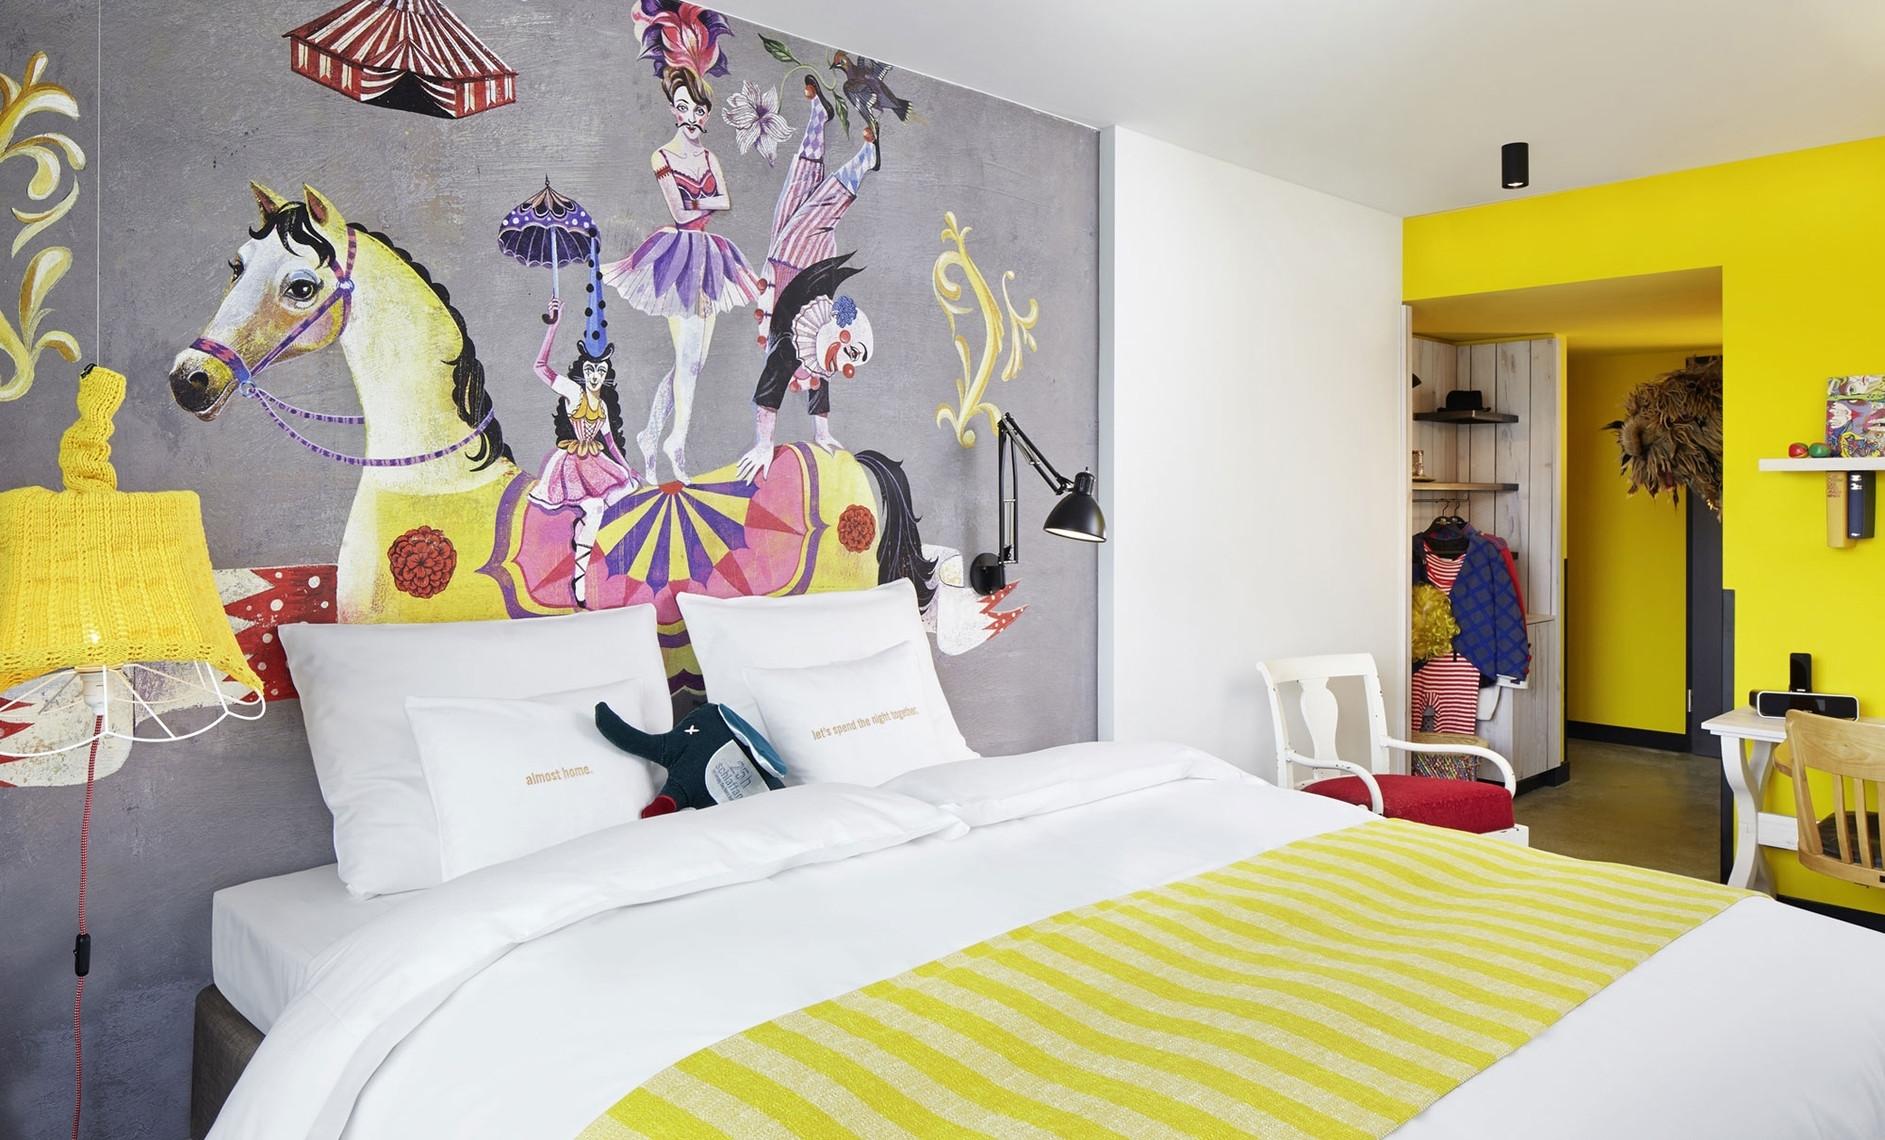 25hours hotel vienna by dreimeta karmatrendz for Design hotel 25 hours vienna